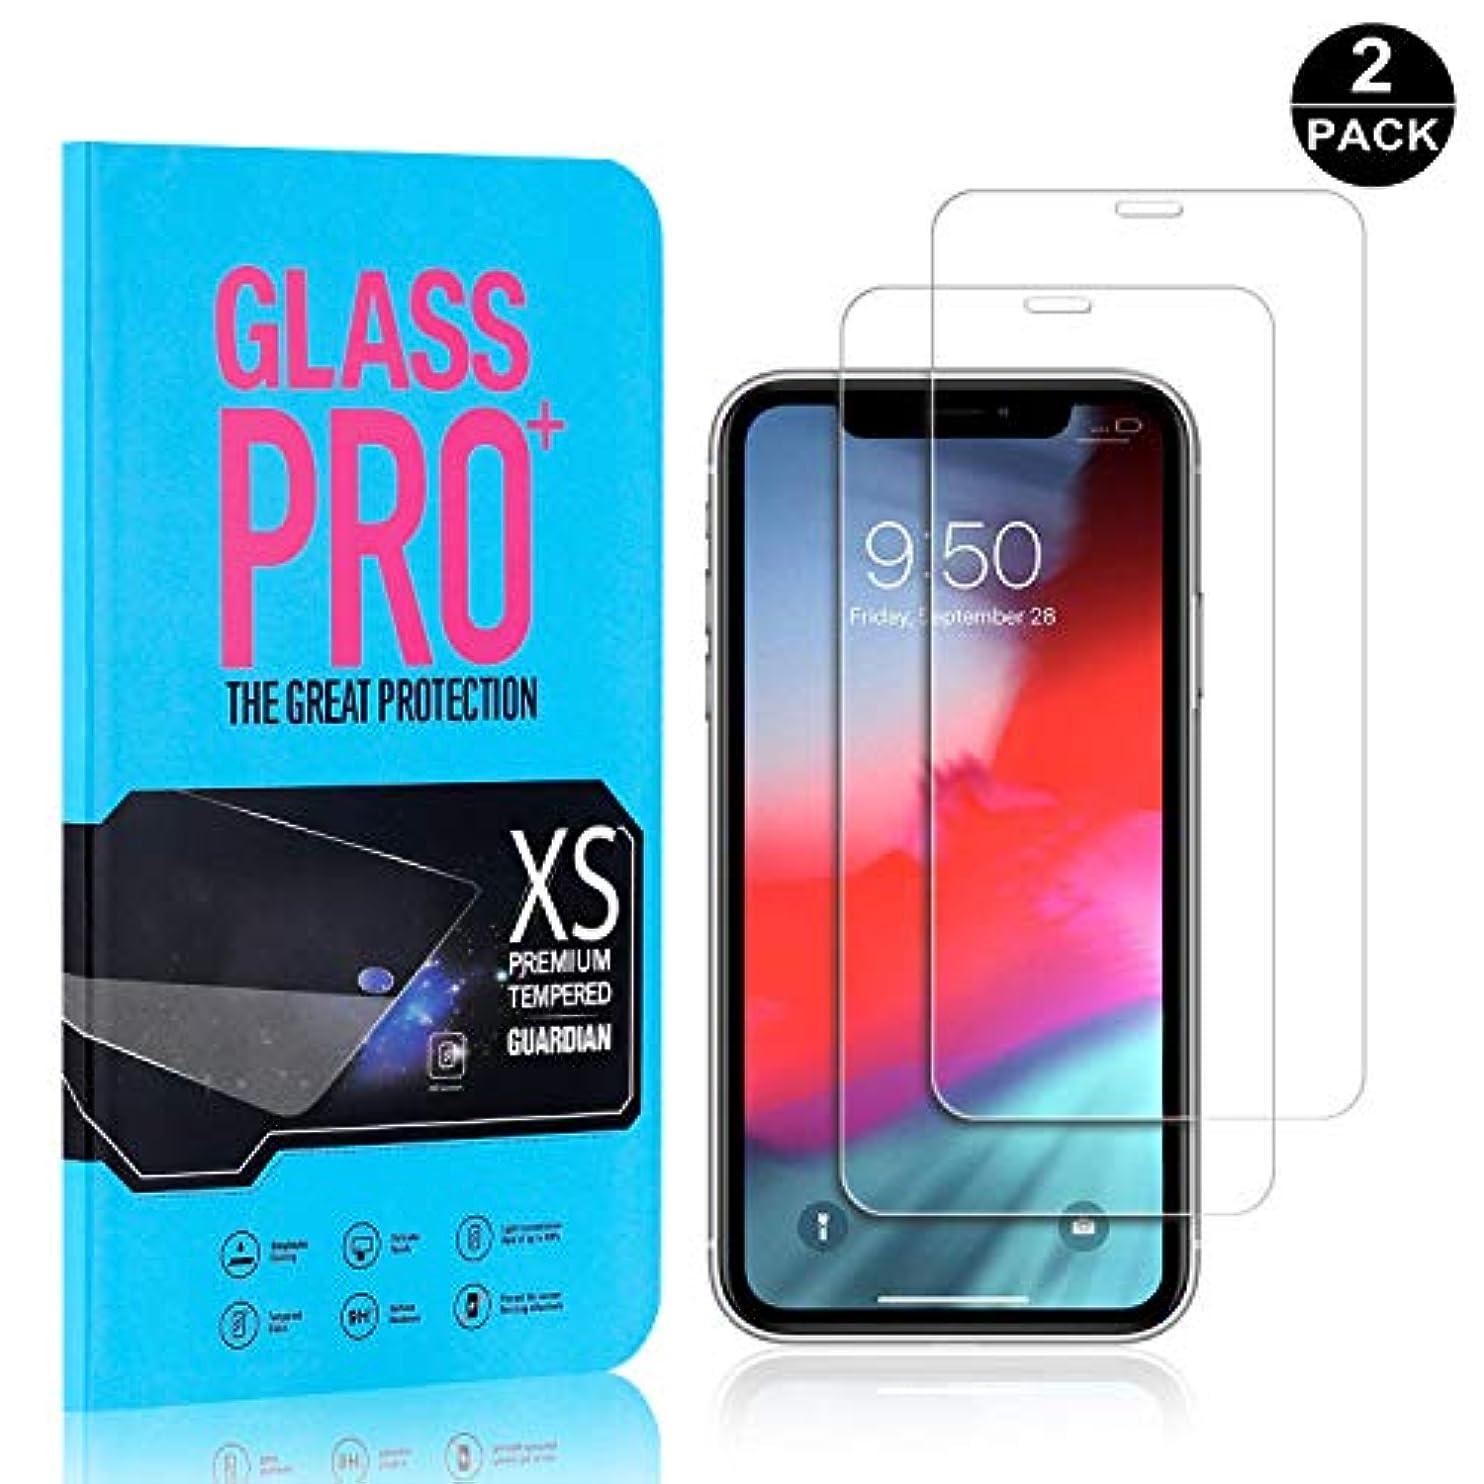 脱走コジオスコ飼料【2枚セット】 iPhone 11 6.1 超薄 フィルム CUNUS Apple iPhone 11 6.1 専用設計 強化ガラスフィルム 高透明度で 気泡防止 飛散防止 硬度9H 耐衝撃 超薄0.26mm 液晶保護フィルム